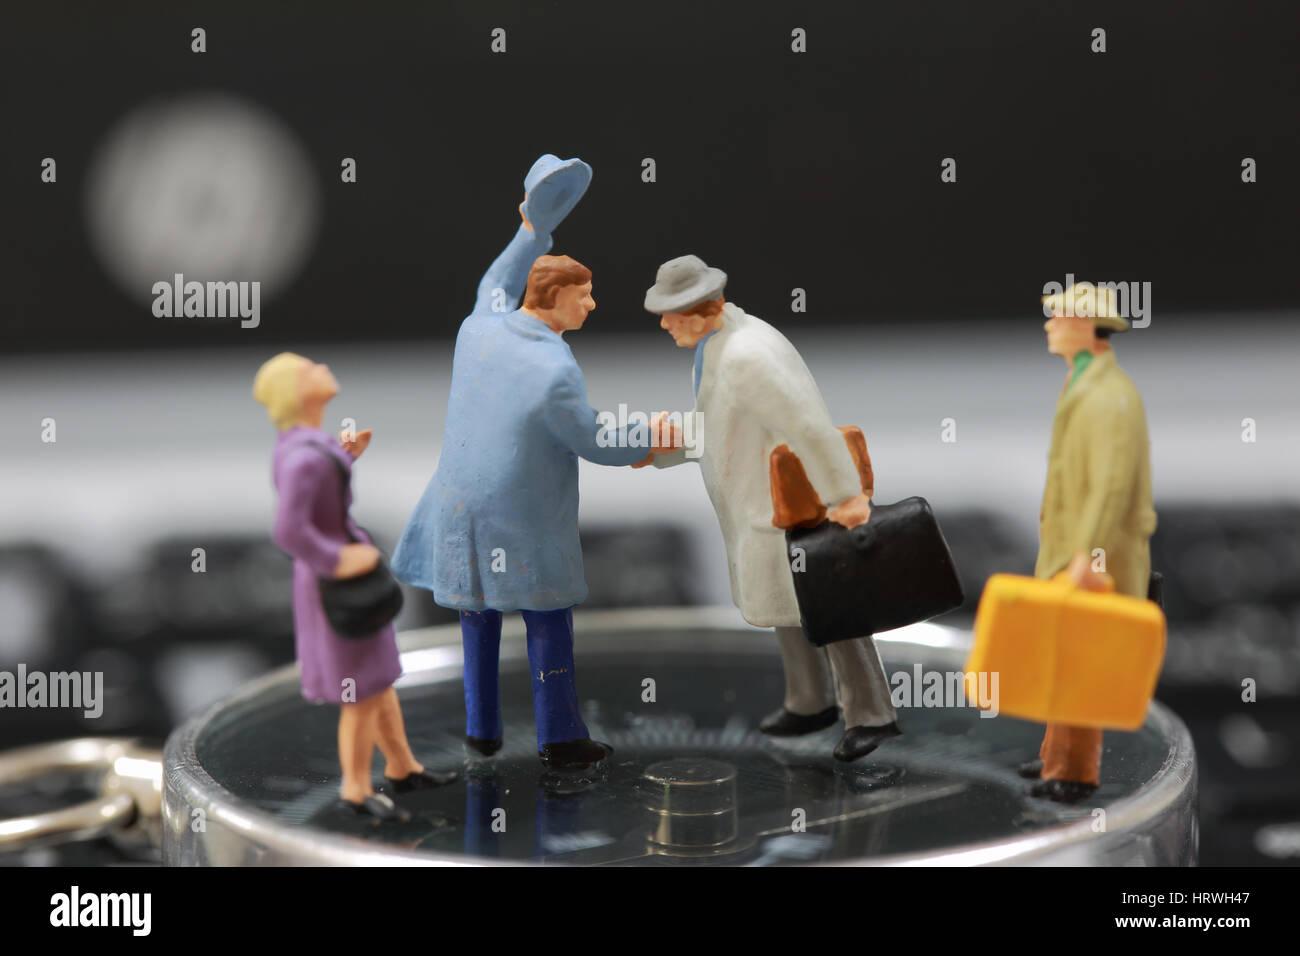 El enfoque selectivo de turista en miniatura apretón de manos como bienvenida y concepto de viaje. Foto de stock